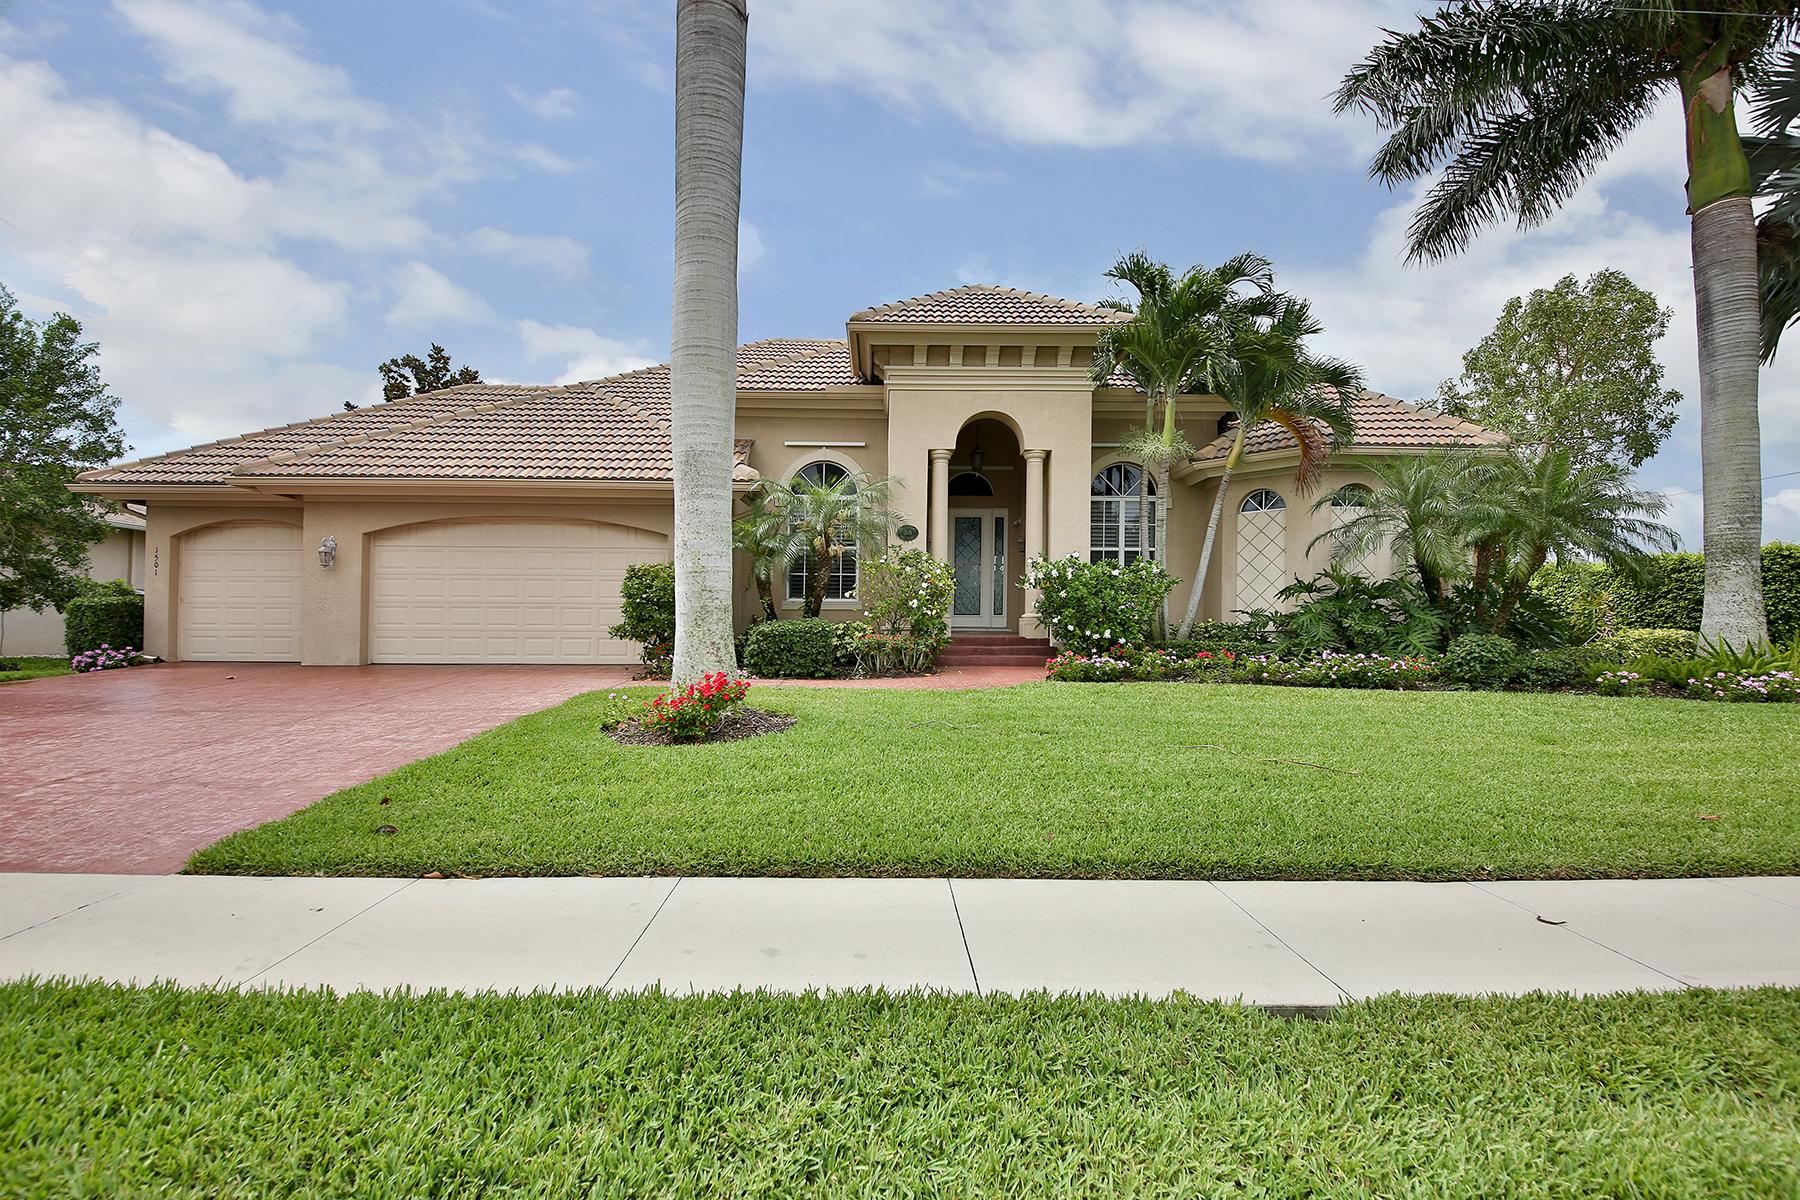 Maison unifamiliale pour l Vente à MARCO ISLAND - HONEYSUCKLE AVENUE 1501 Honeysuckle Ave Marco Island, Florida, 34145 États-Unis